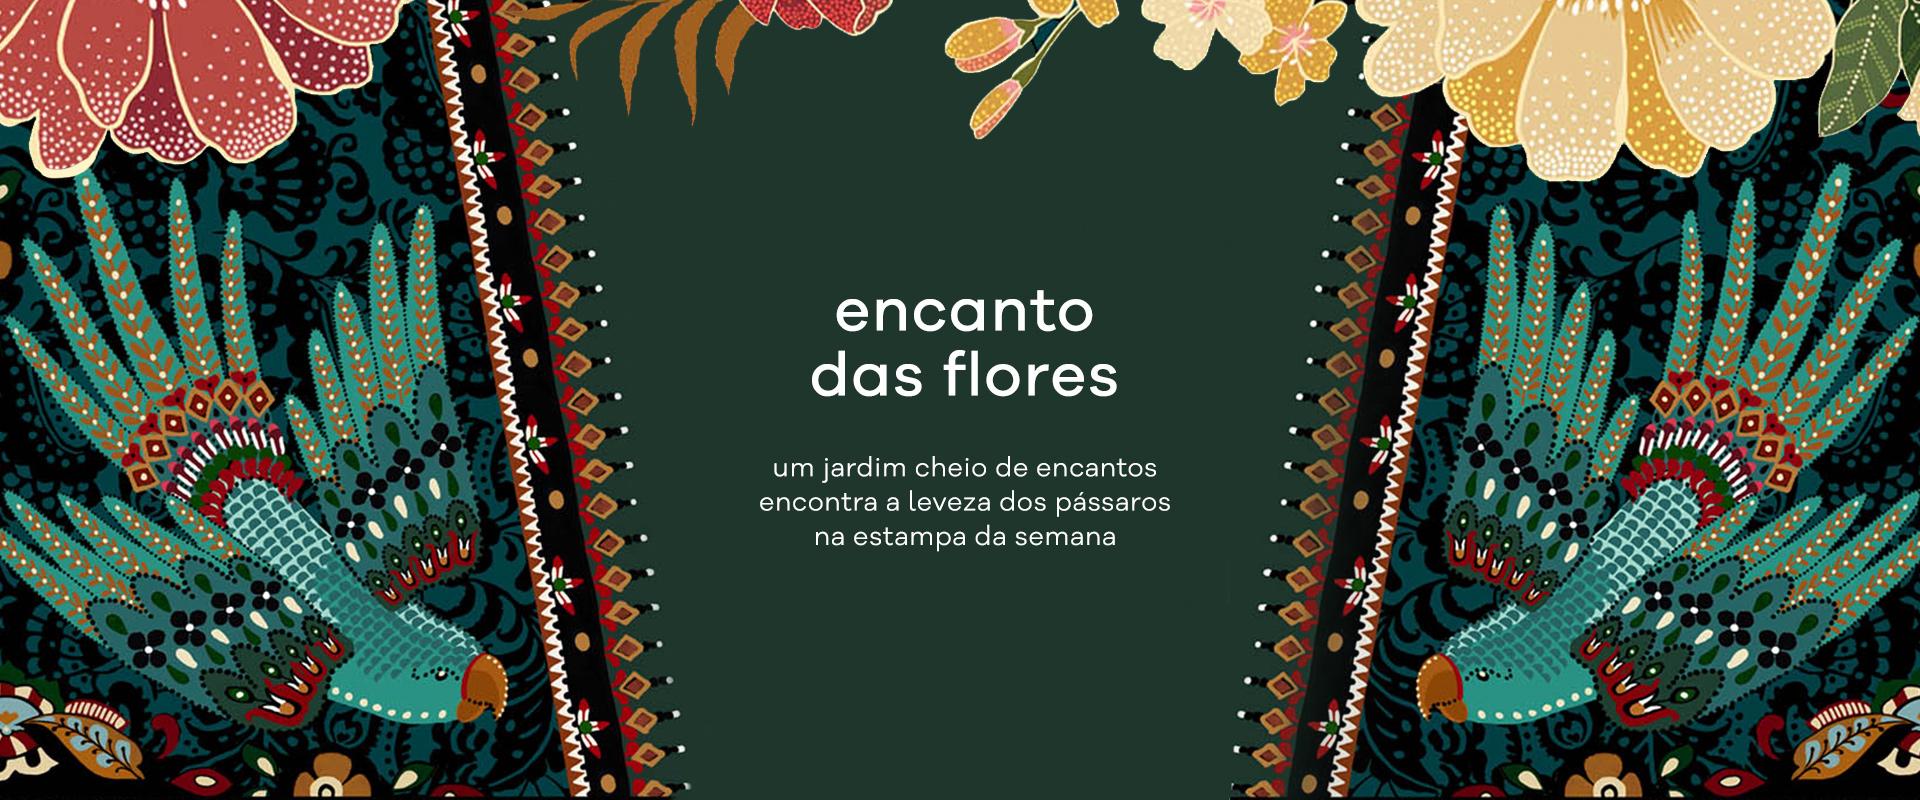 banner encanto das flores